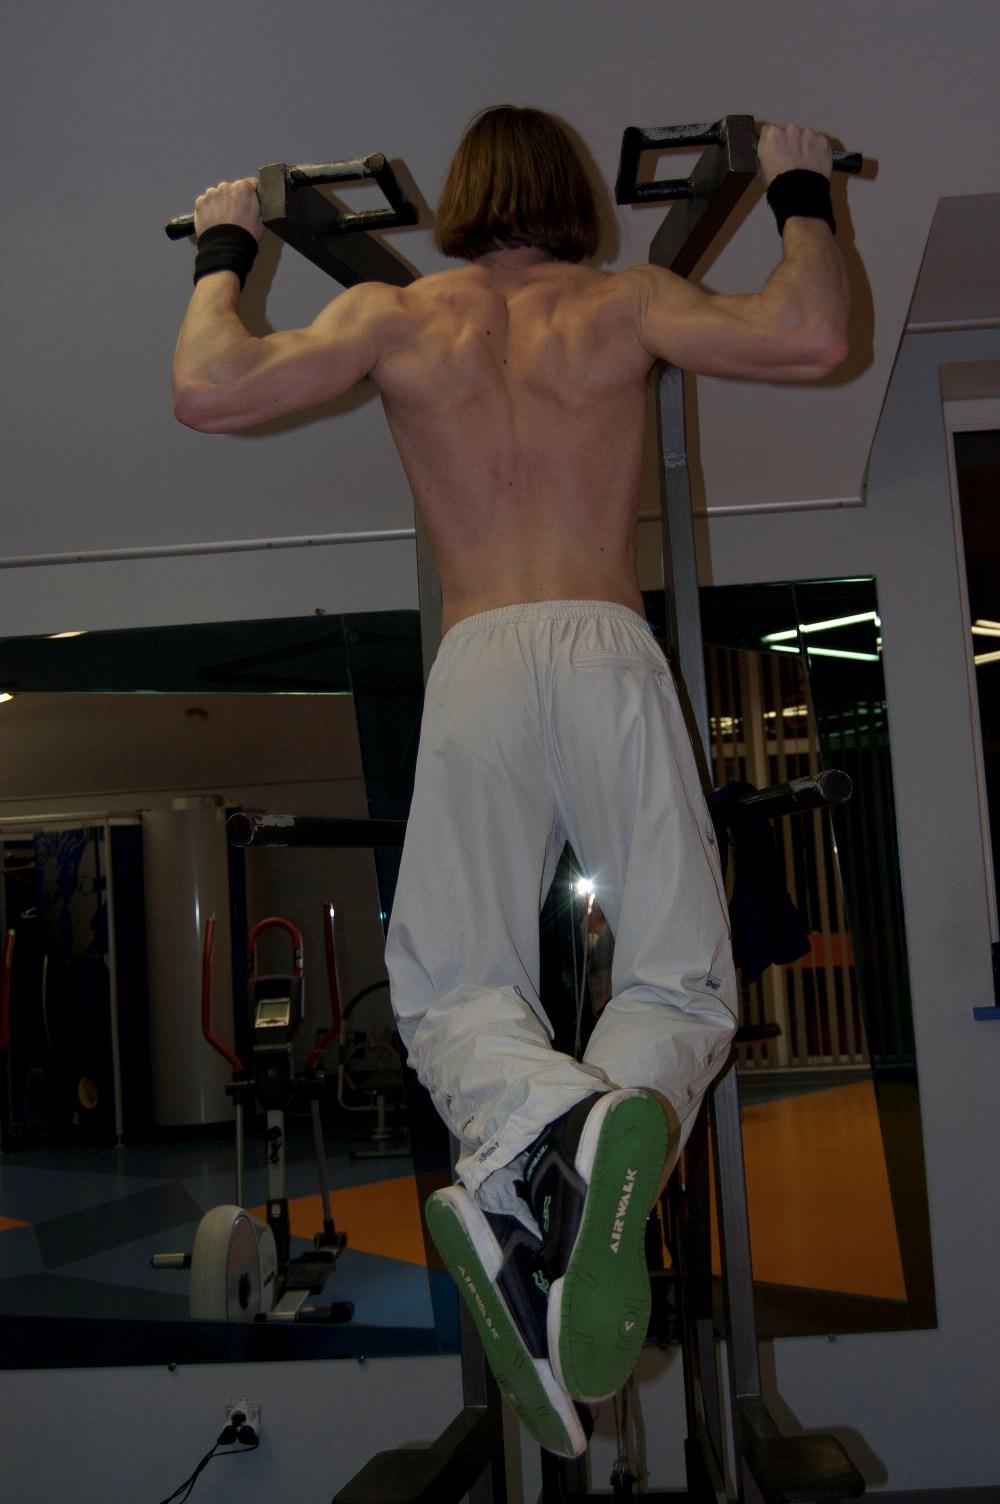 правильная программа тренировок, как часто тренироваться, сколько надо отдыхать спортсменам.